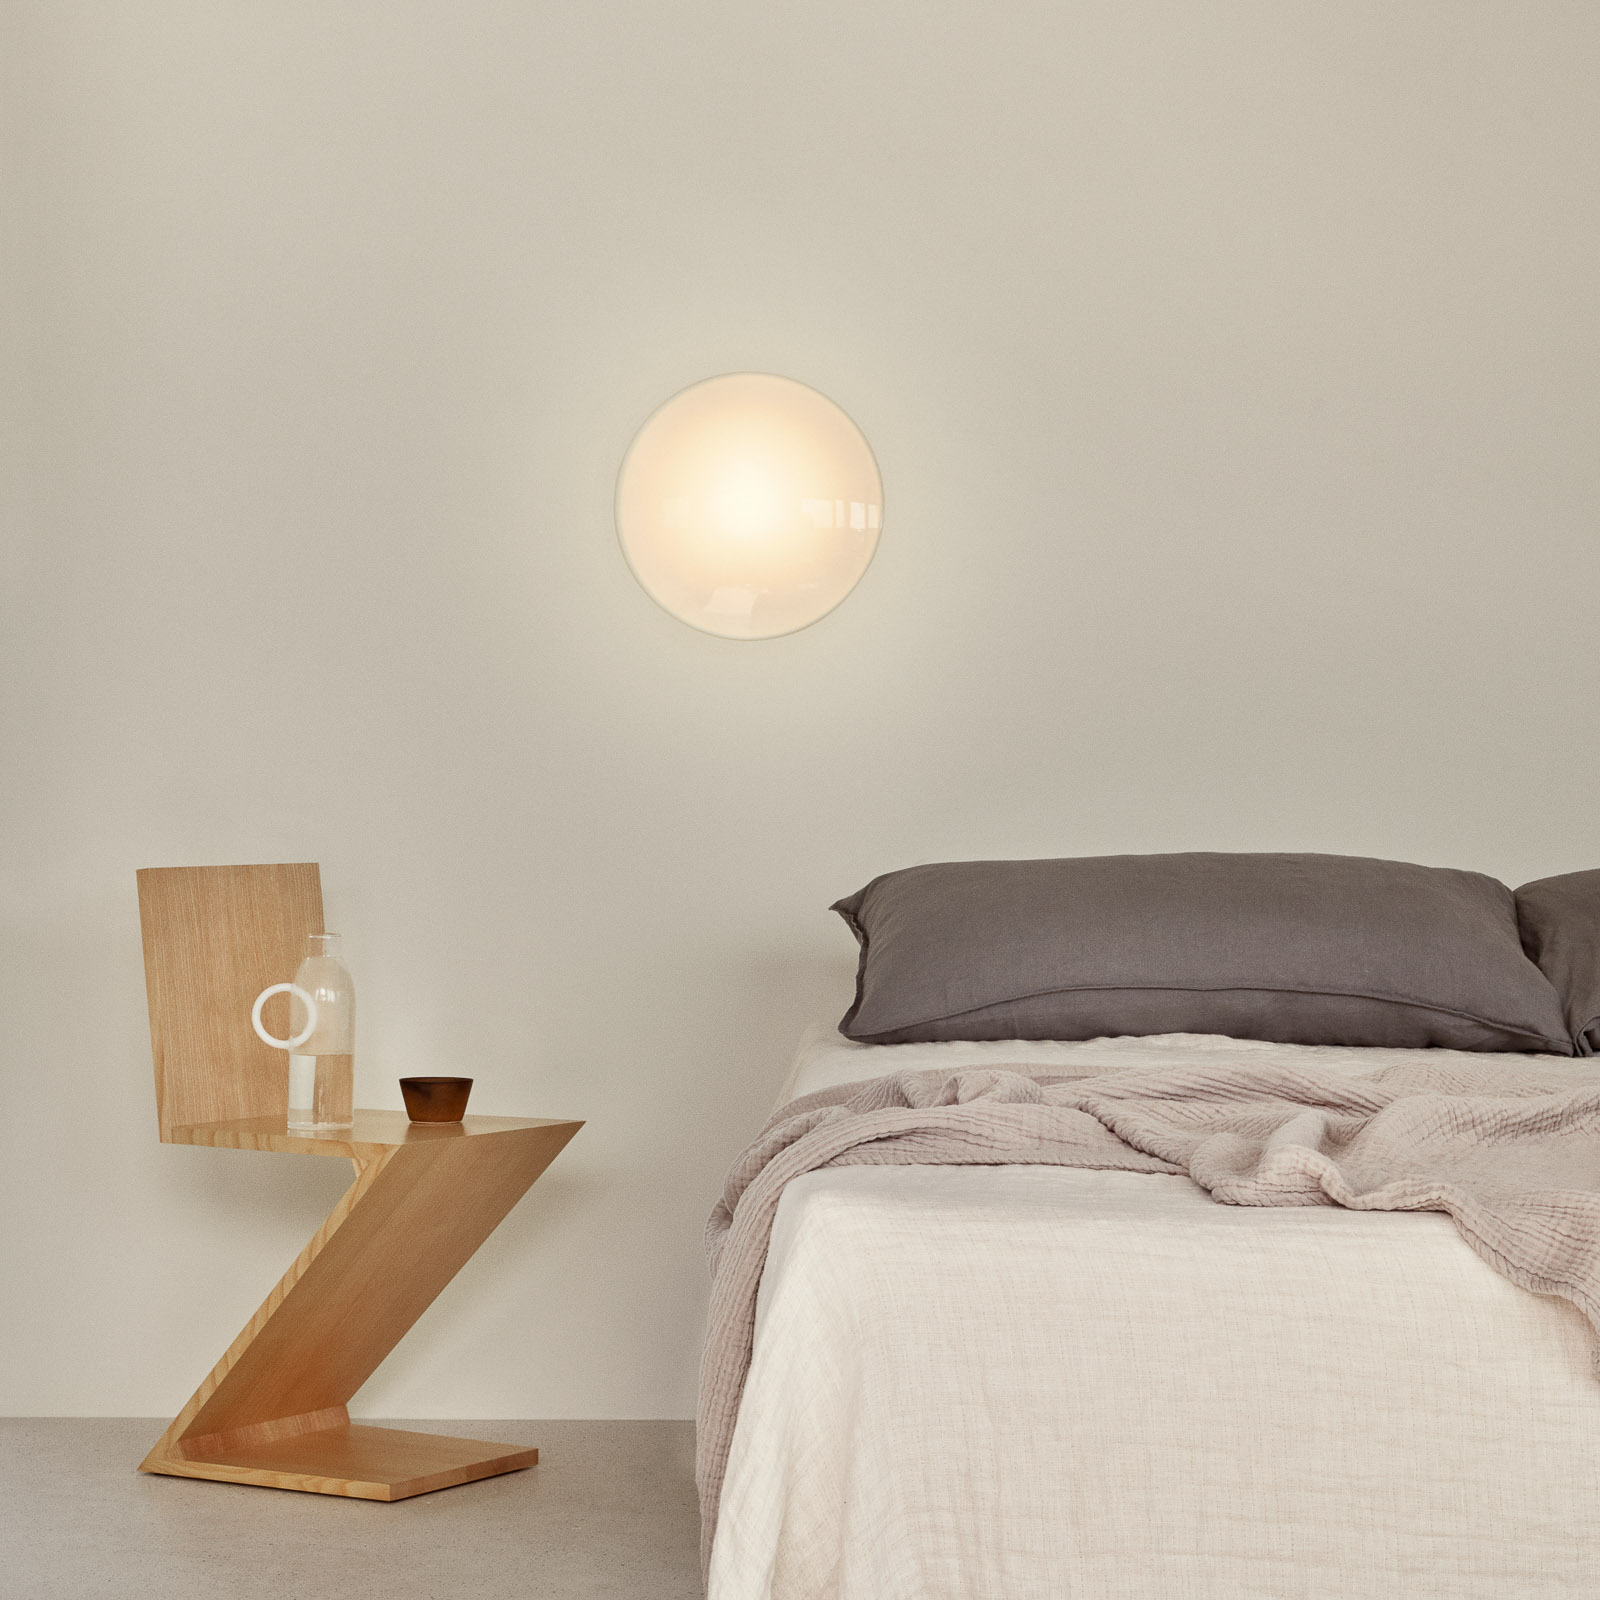 Ronde LED wandlamp AJ Eklipta, dimbaar